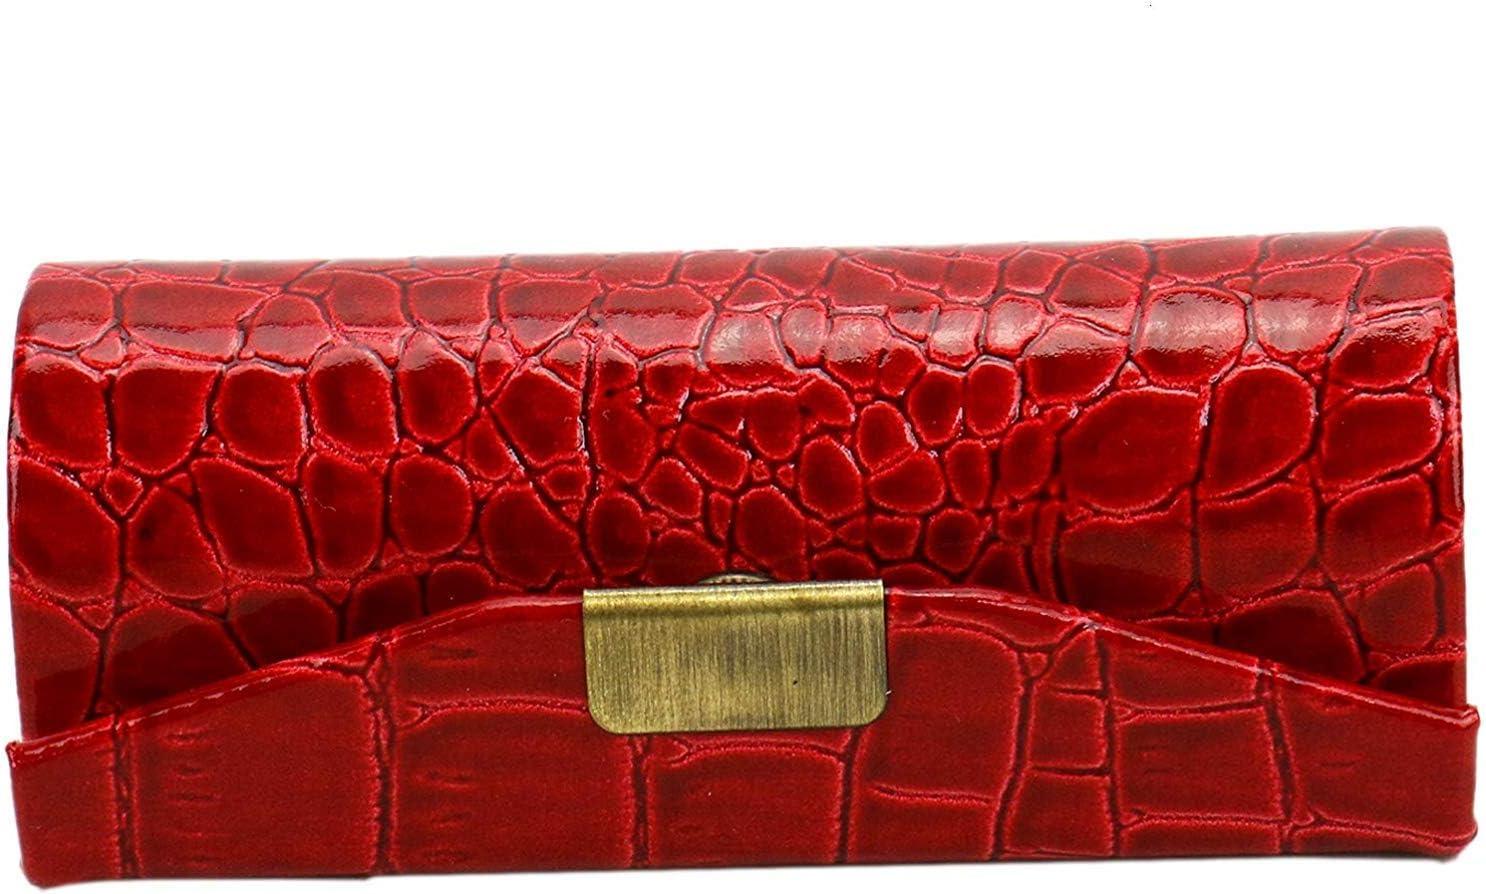 Estuche para pintalabios, ICEBLUEOR de piel para pintalabios, duradero, impermeable, con cierre de botón y kit de almacenamiento de cosméticos de espejo (rojo): Amazon.es: Belleza